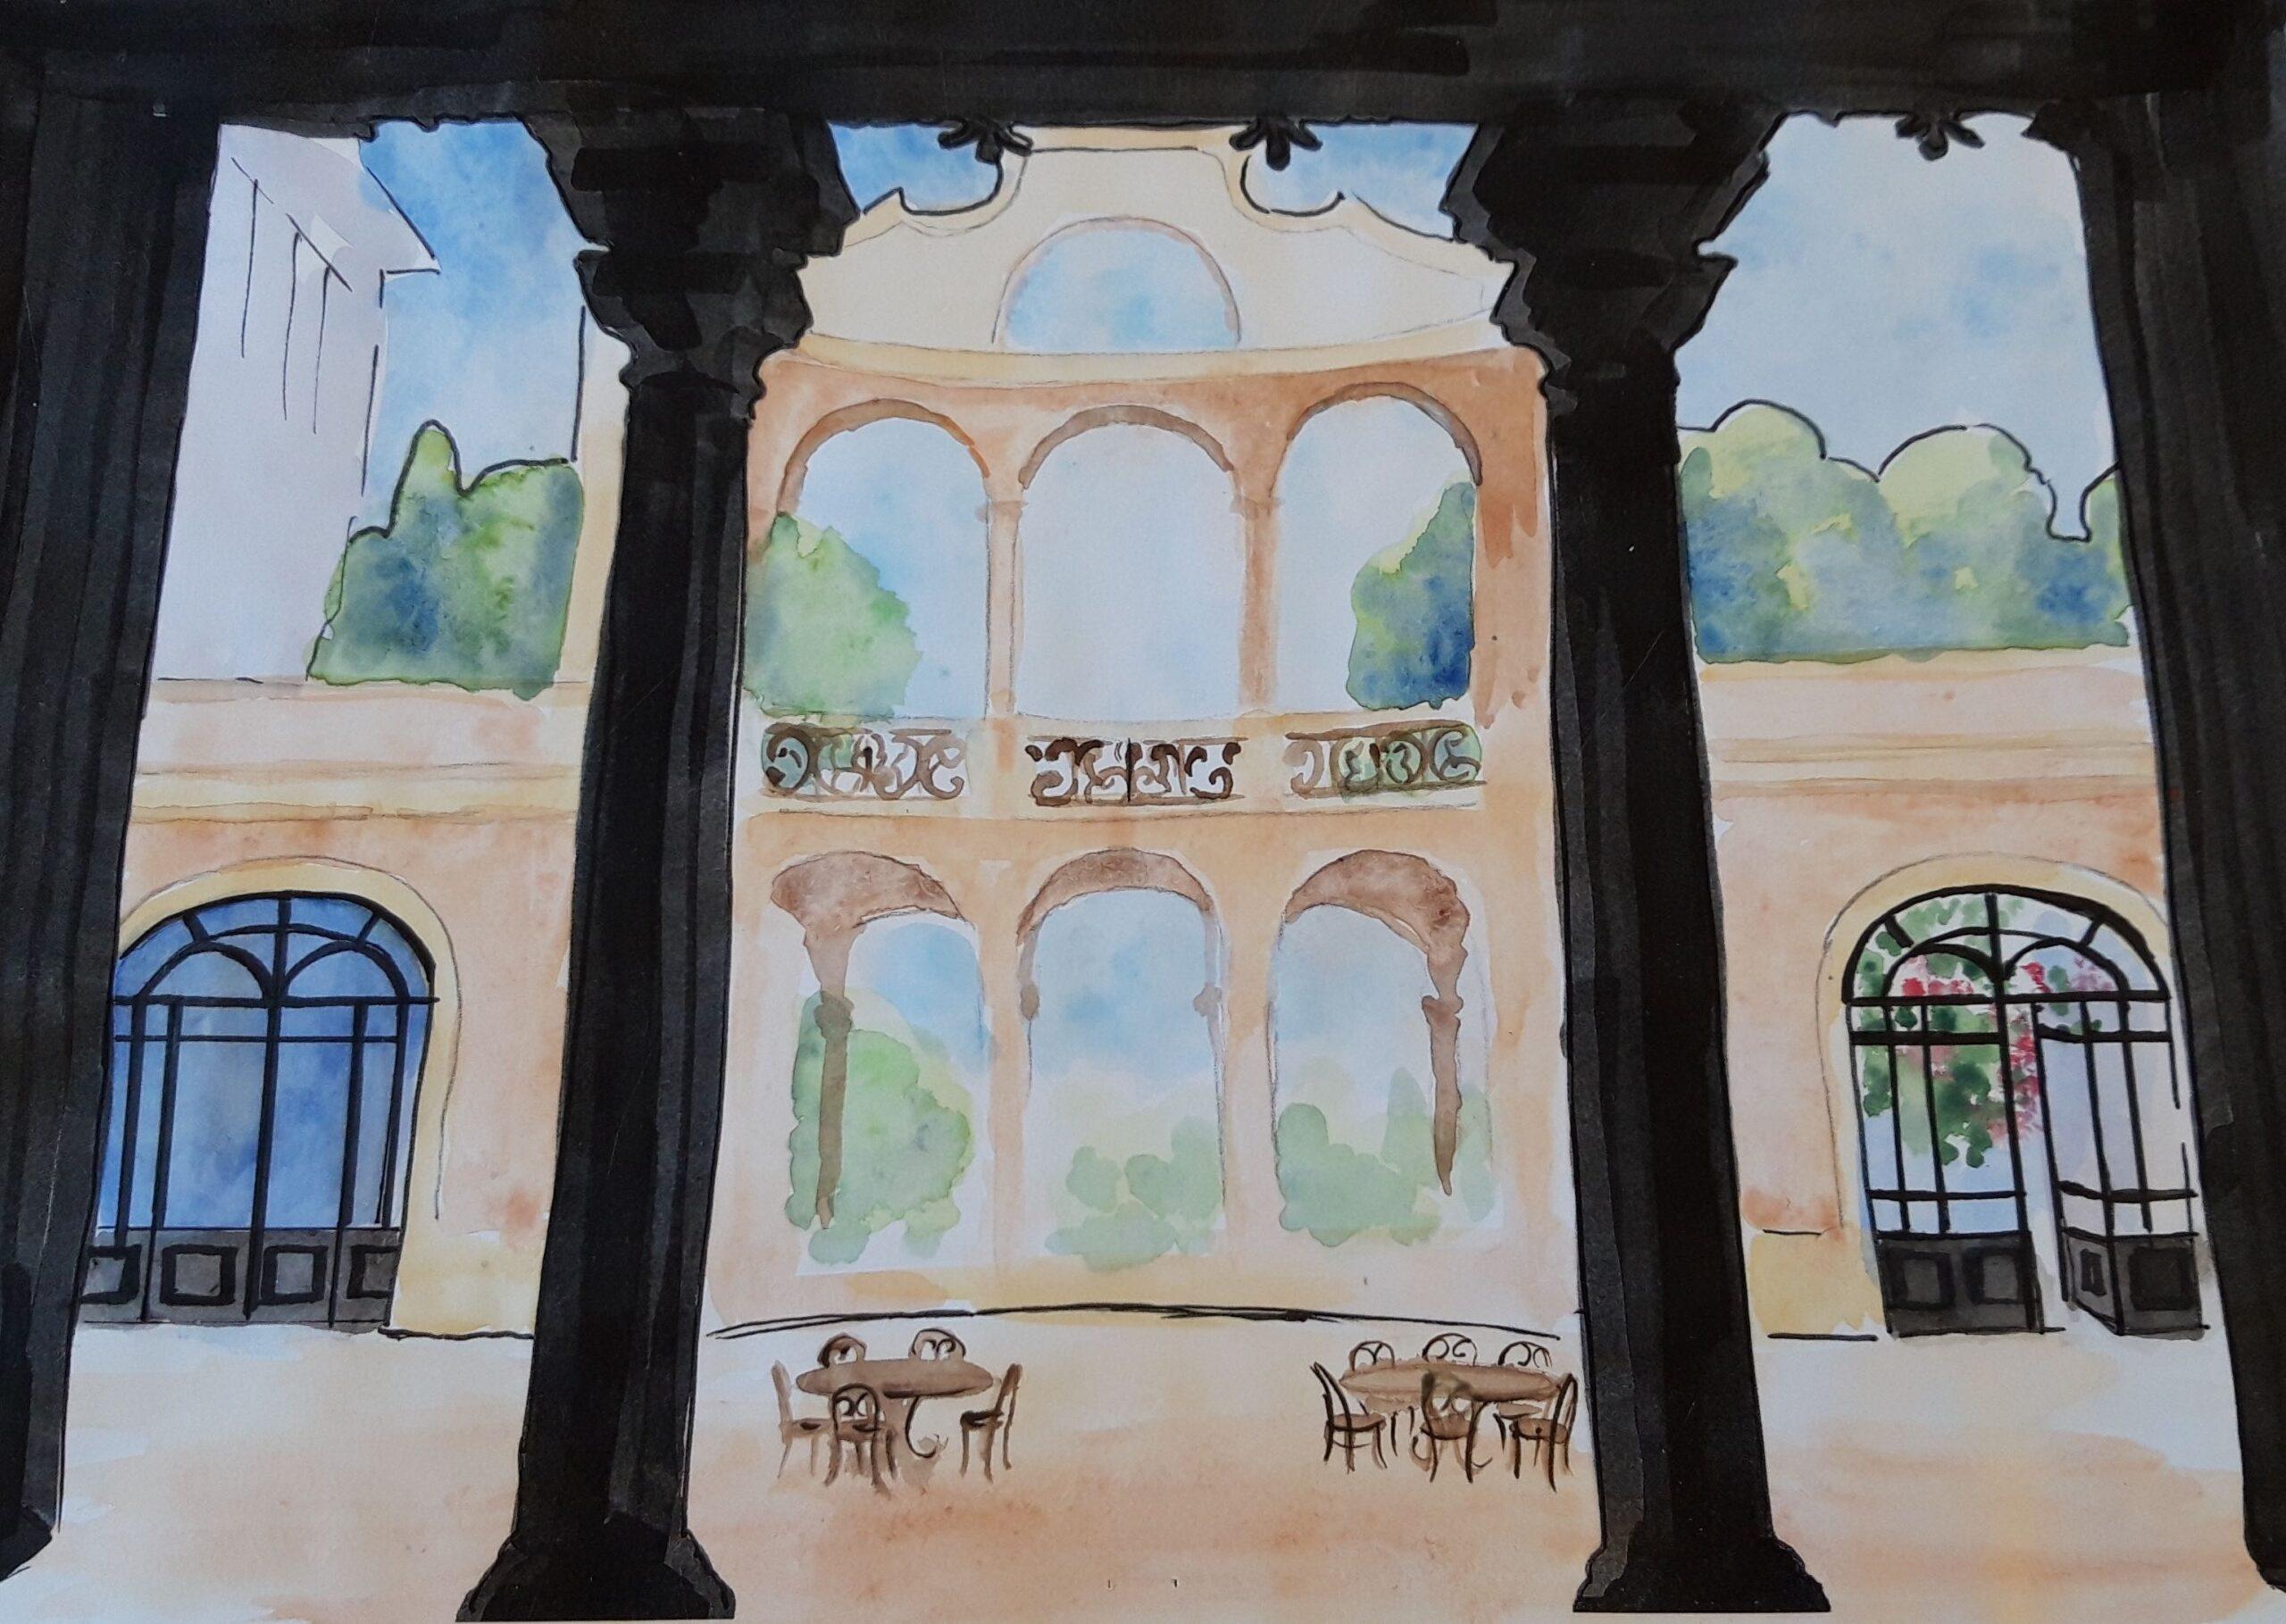 Un'idea per palazzo Dellepiane: vino e cultura